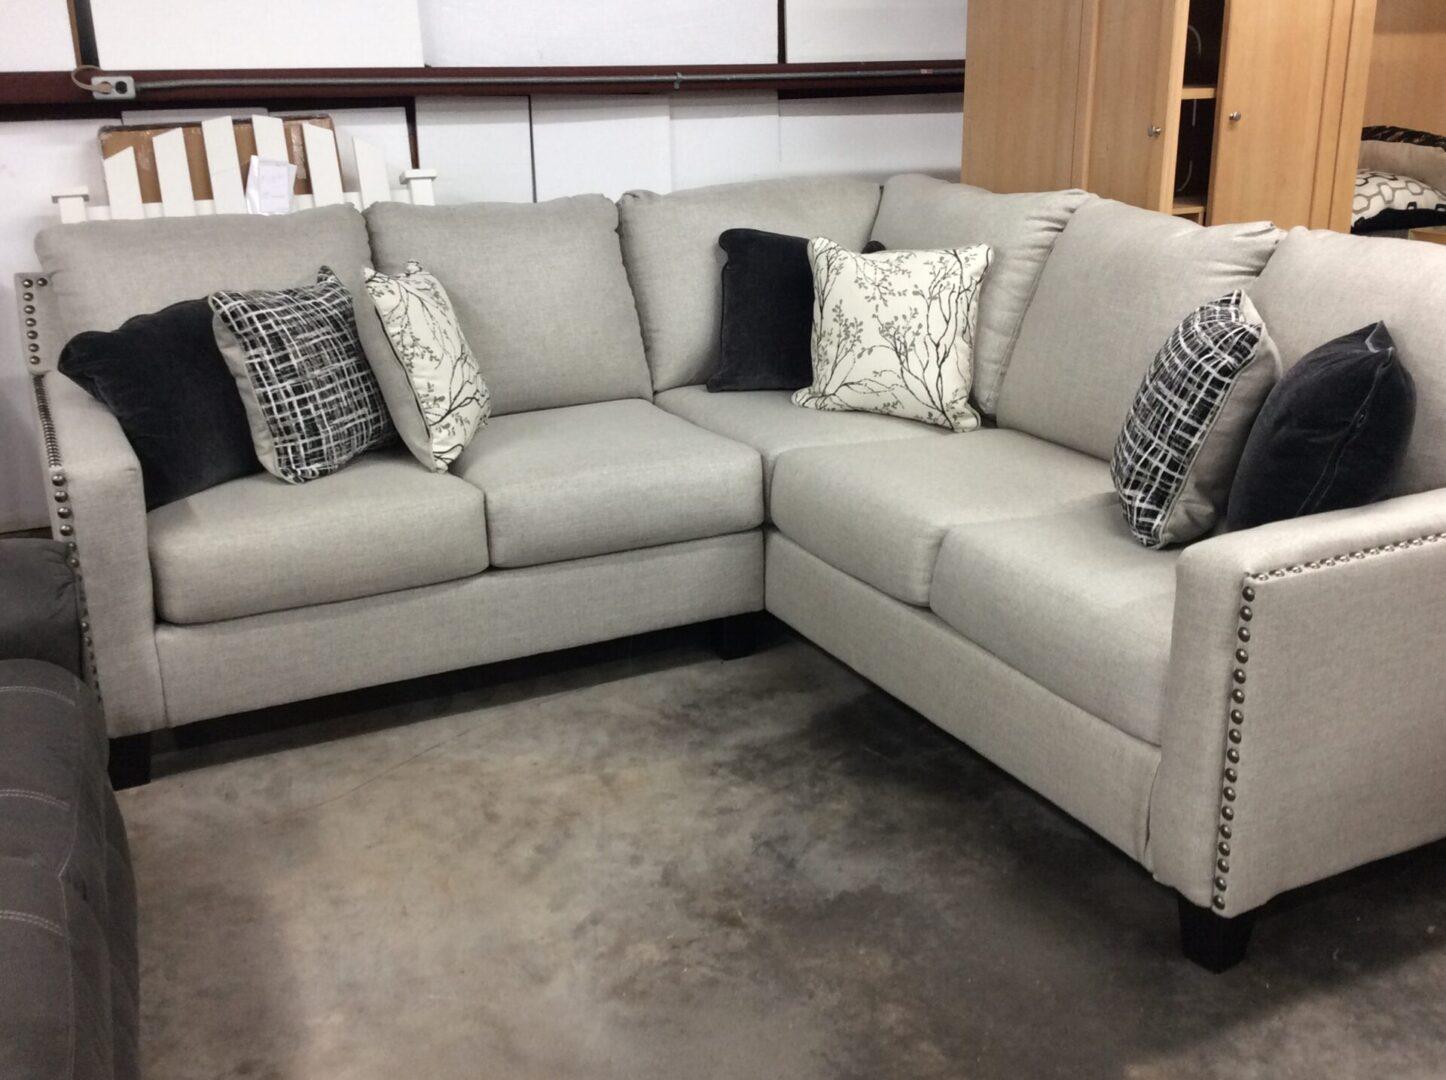 light gray sofa set with throw pillows